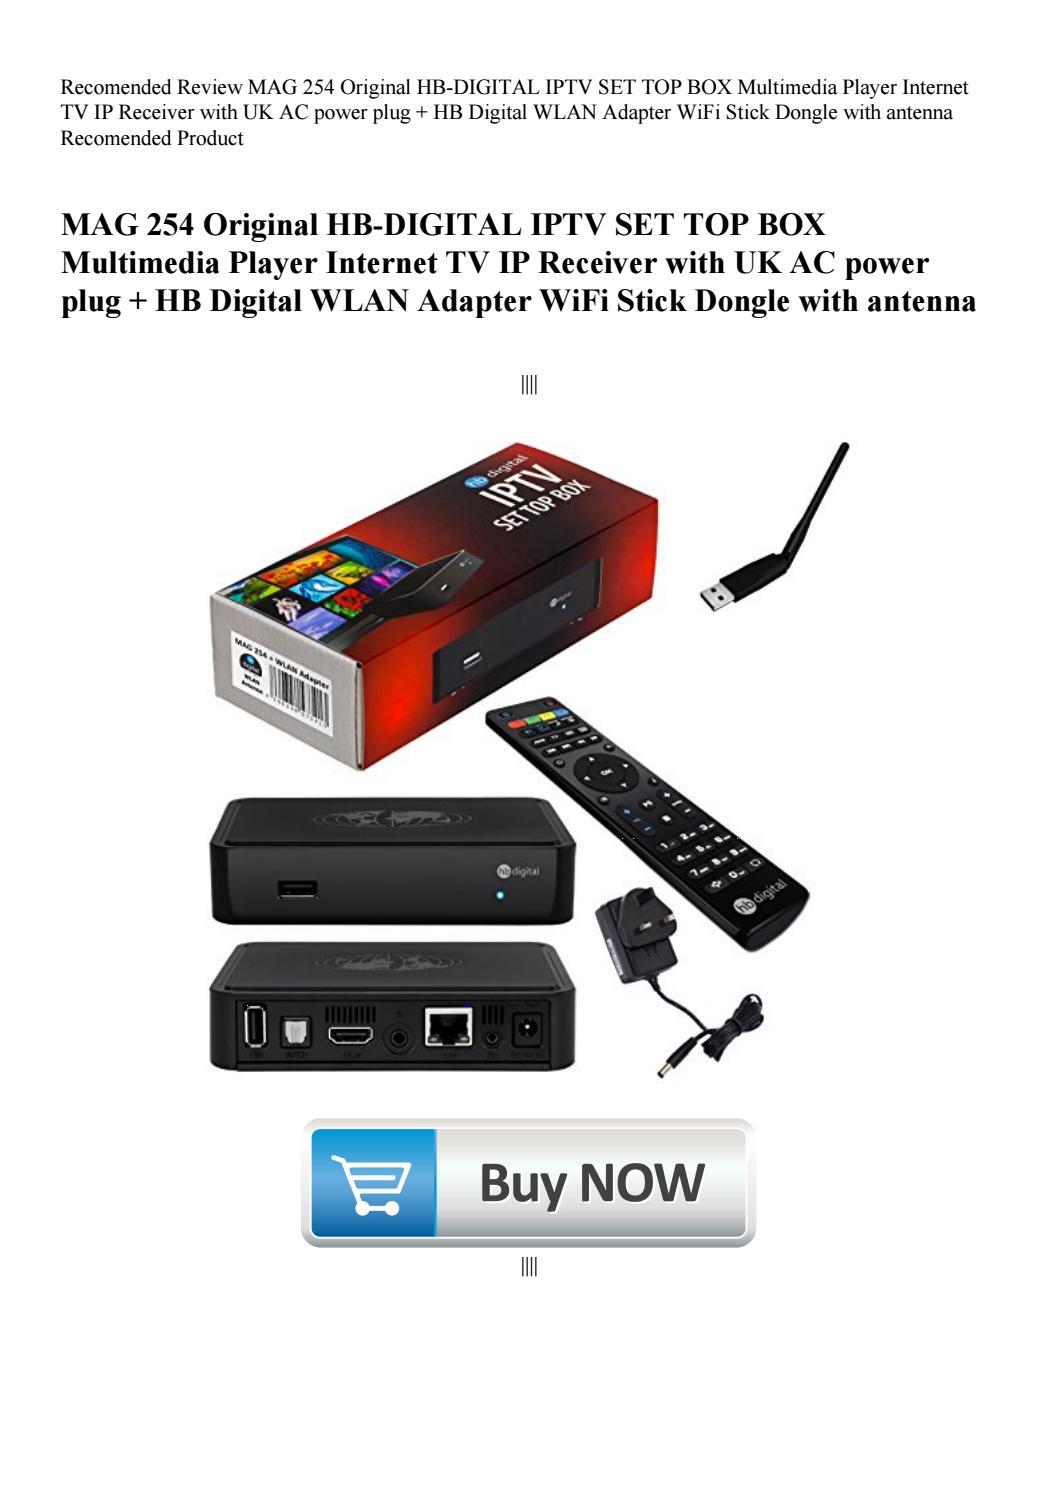 Recomended Review MAG 254 Original HB-DIGITAL IPTV SET TOP